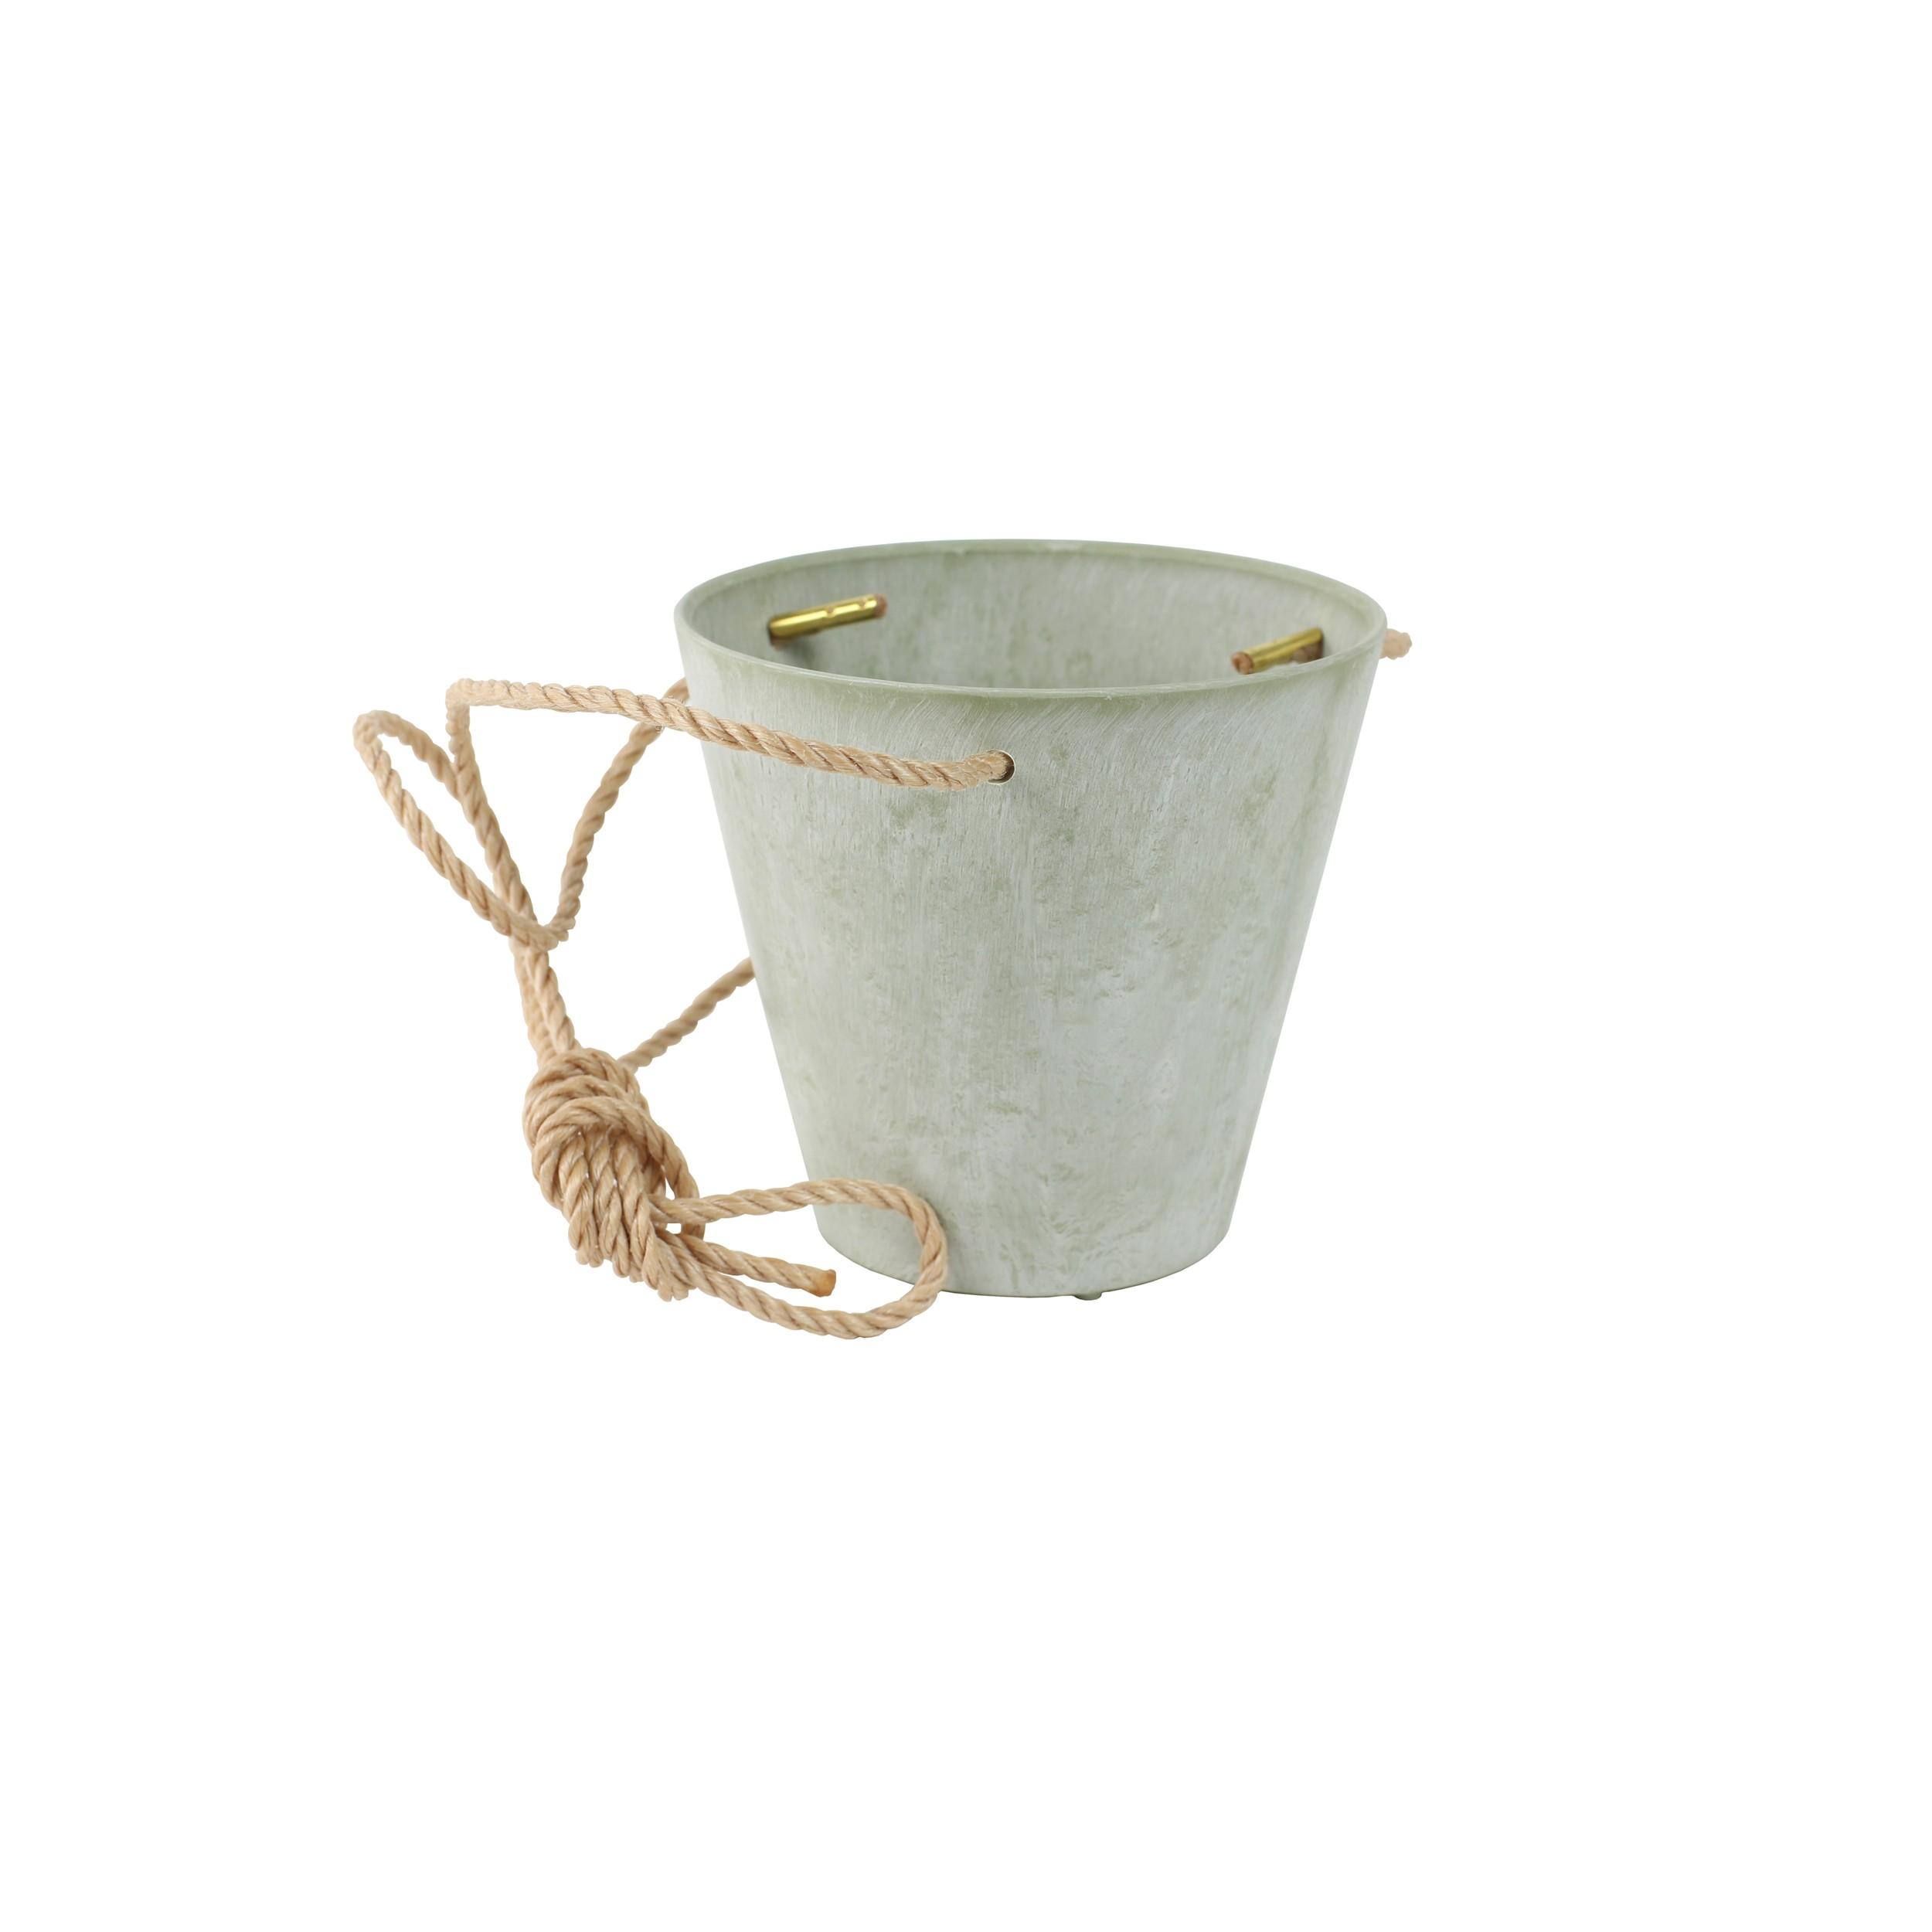 Blumentopf Zum Aufhängen : blumentopf claire zum aufh ngen 22cm artstone ~ Michelbontemps.com Haus und Dekorationen